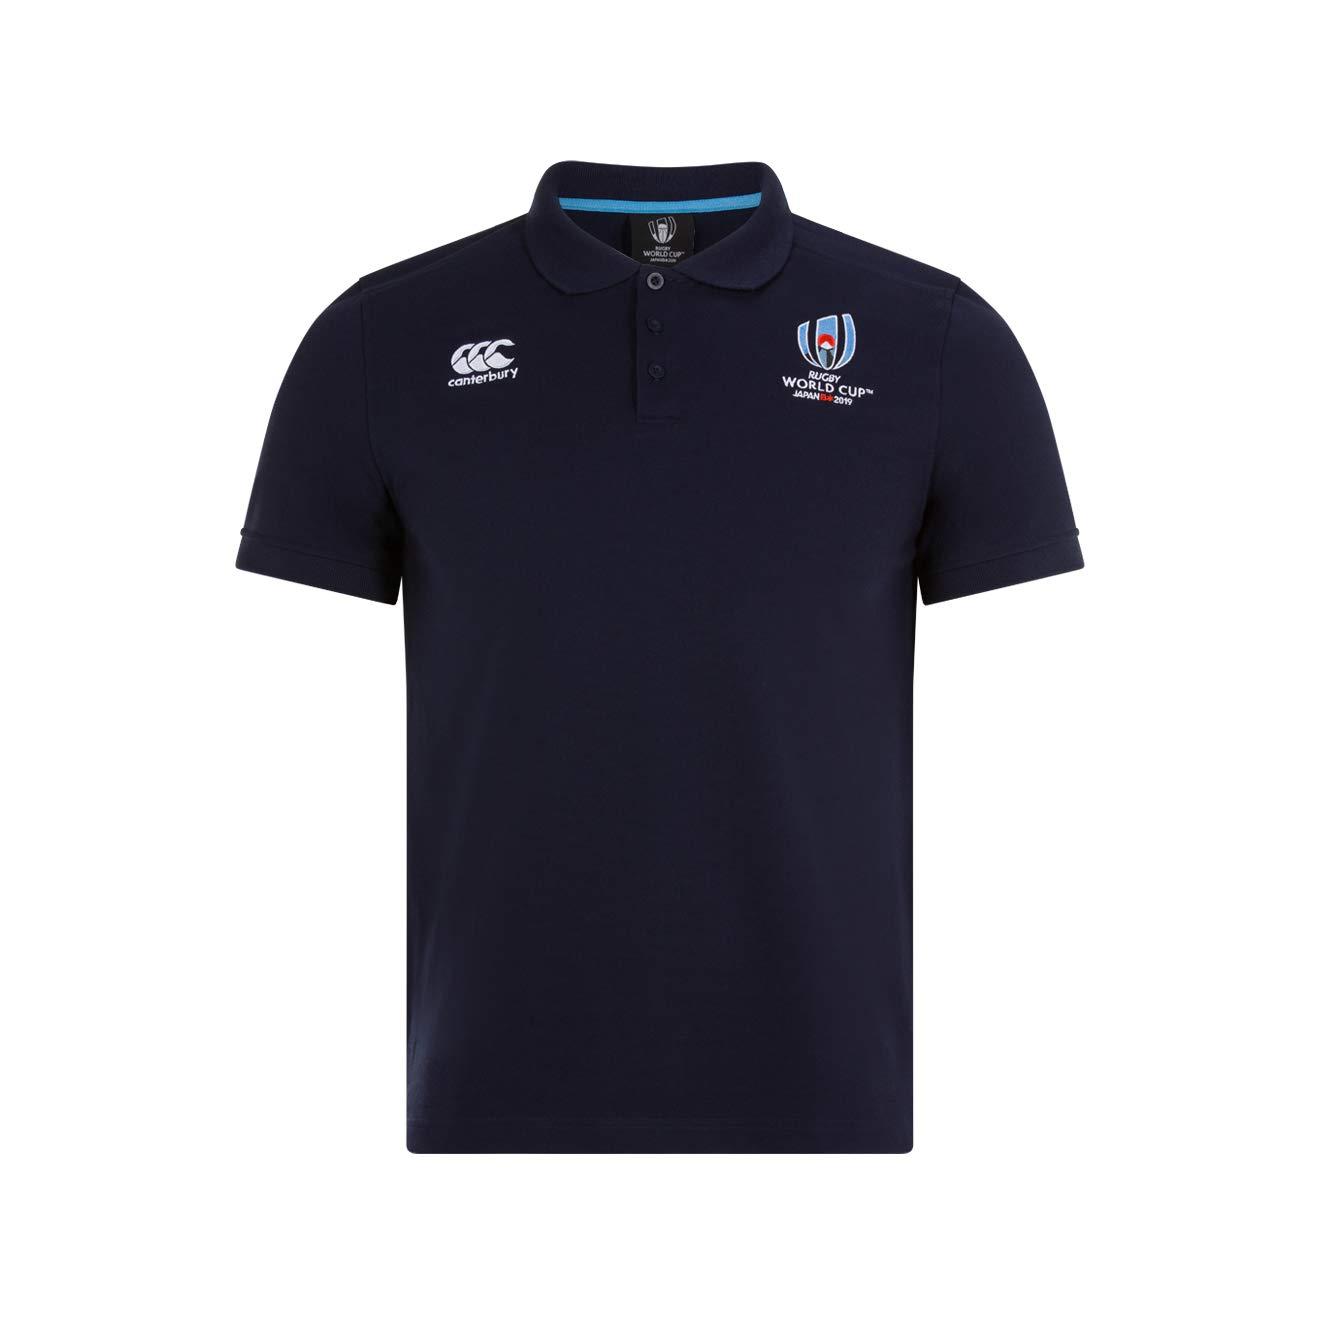 Canterbury Oficial de La Rugby World Cup 2019 - Polo de algodón ...